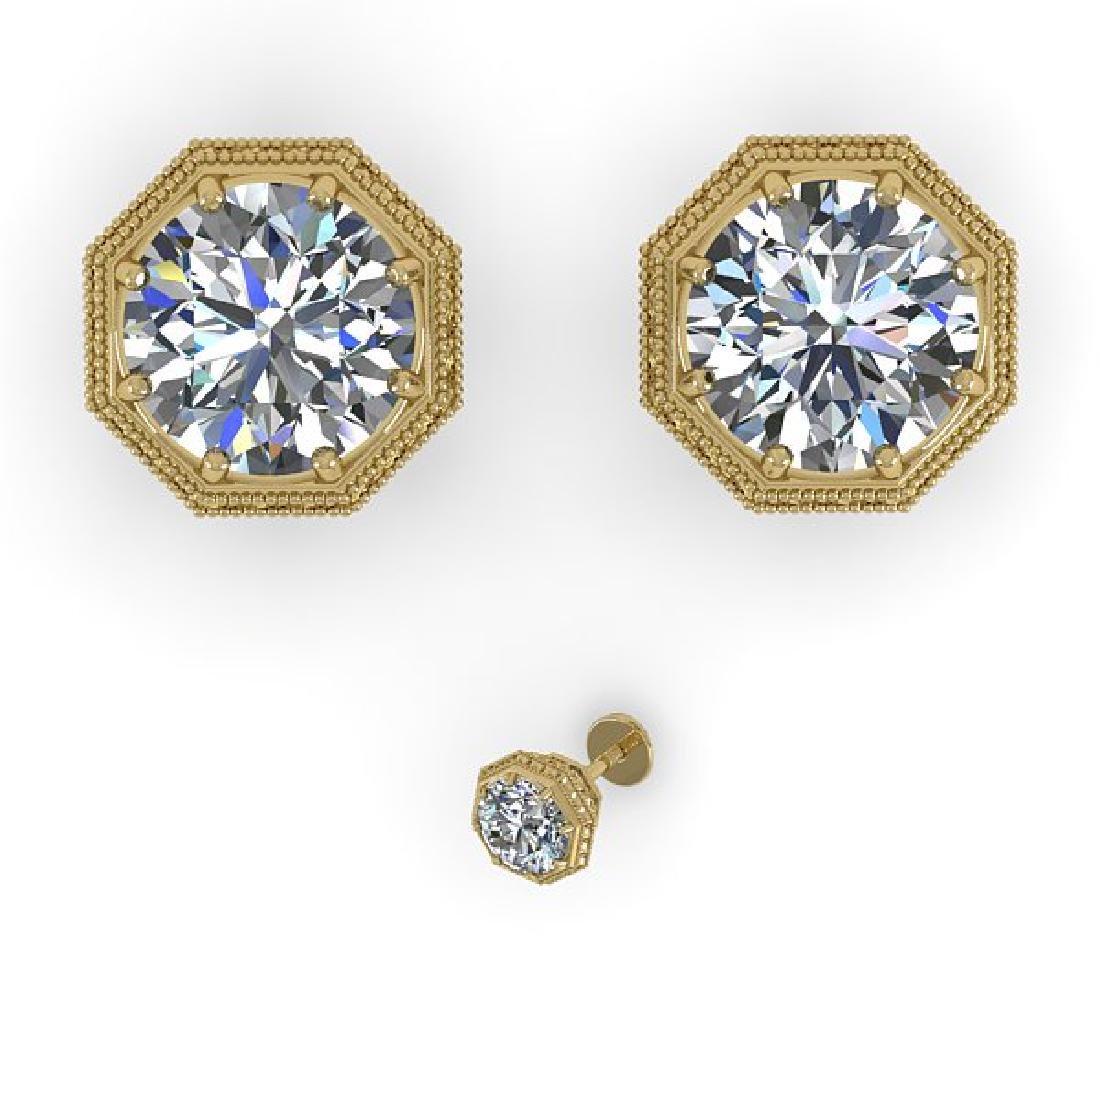 2.05 CTW Certified VS/SI Diamond Stud Earrings 18K - 2